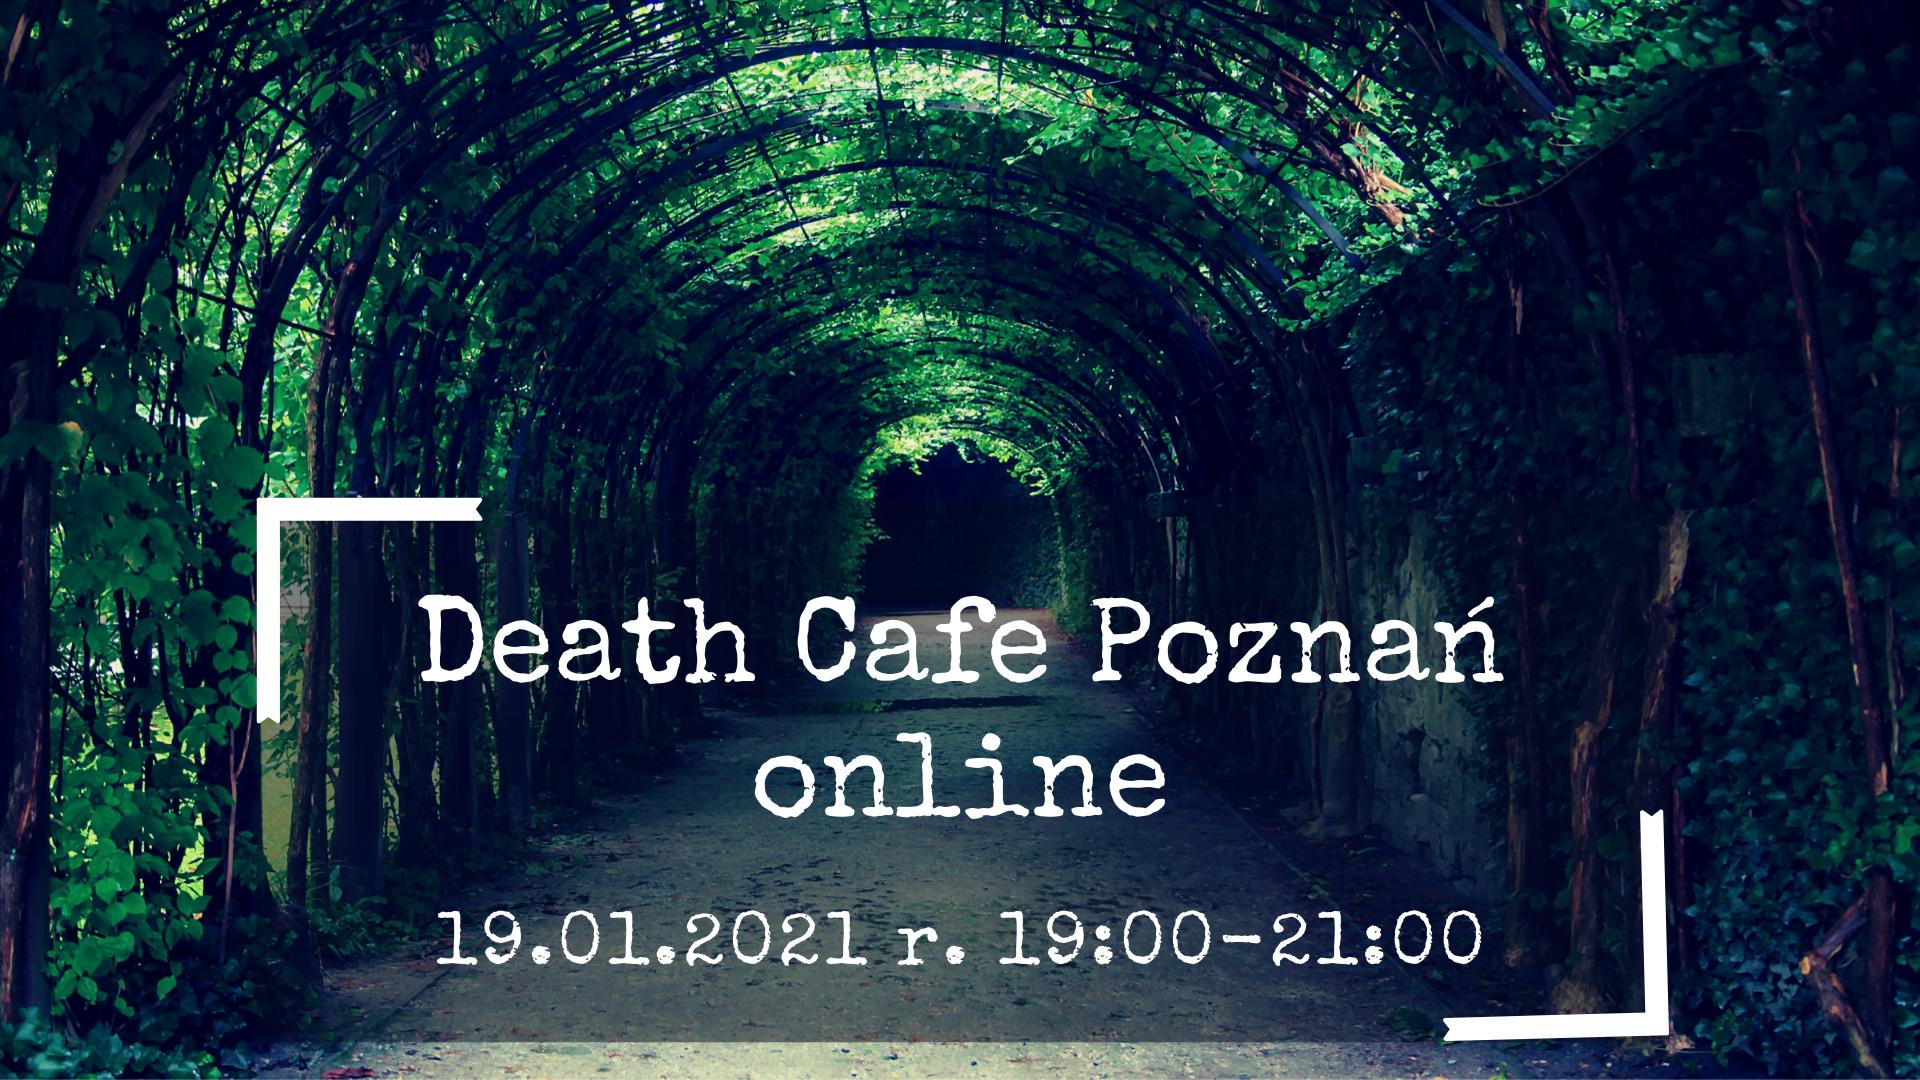 Death Cafe Poznań